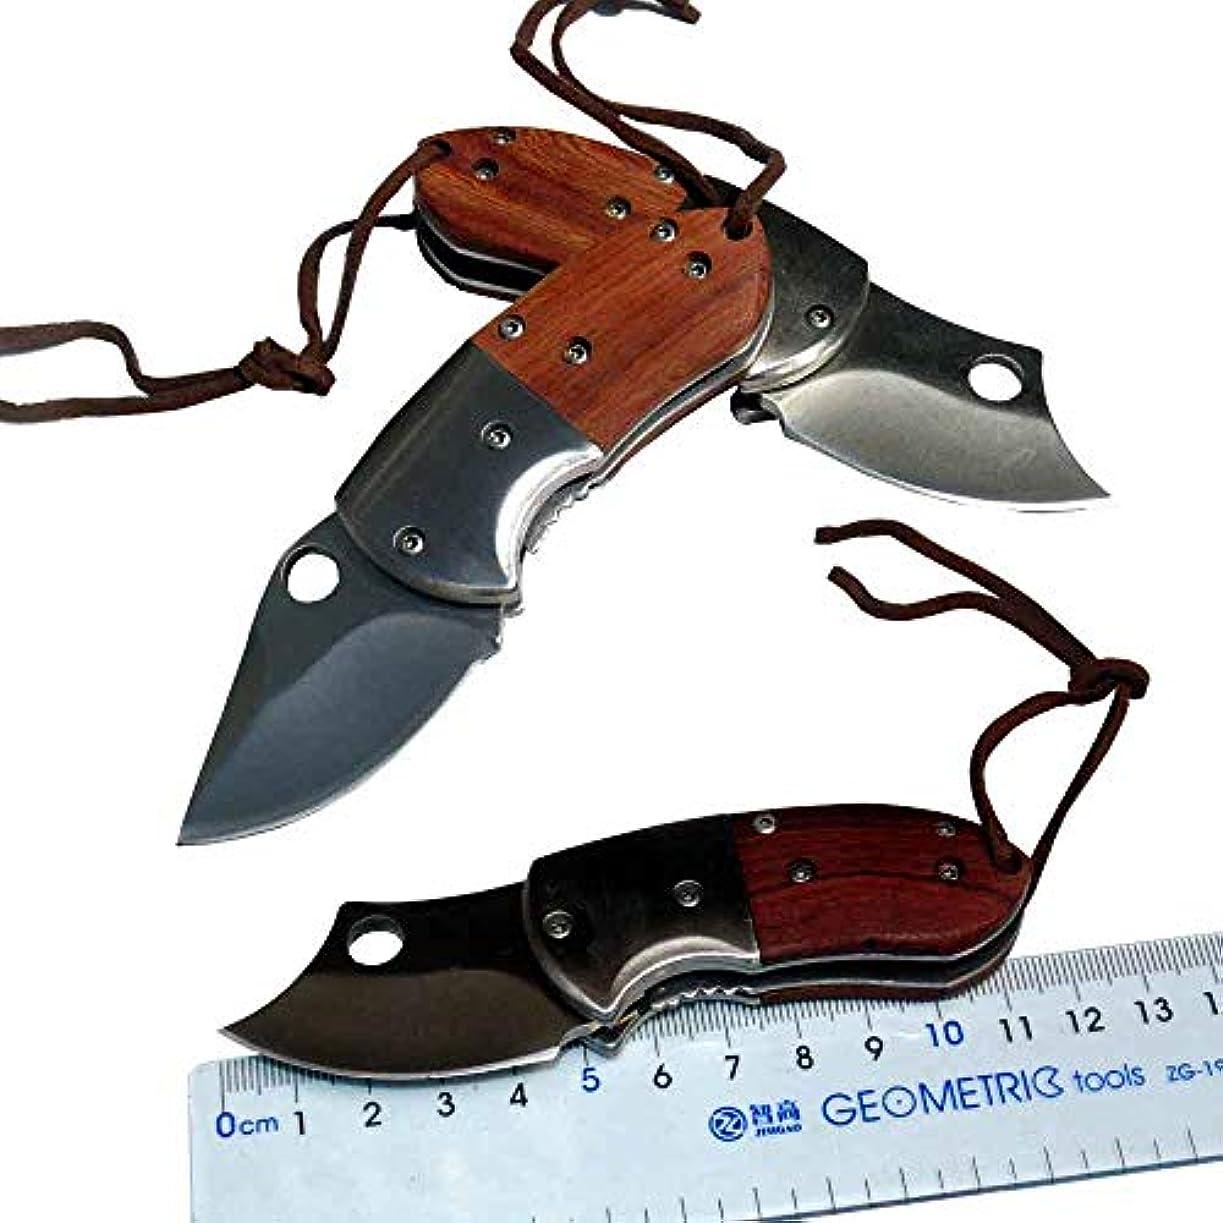 ペイント翻訳者描くアウトドアキャンプのナイフとポケットナイフ旅行のための3 CR 13ブレード